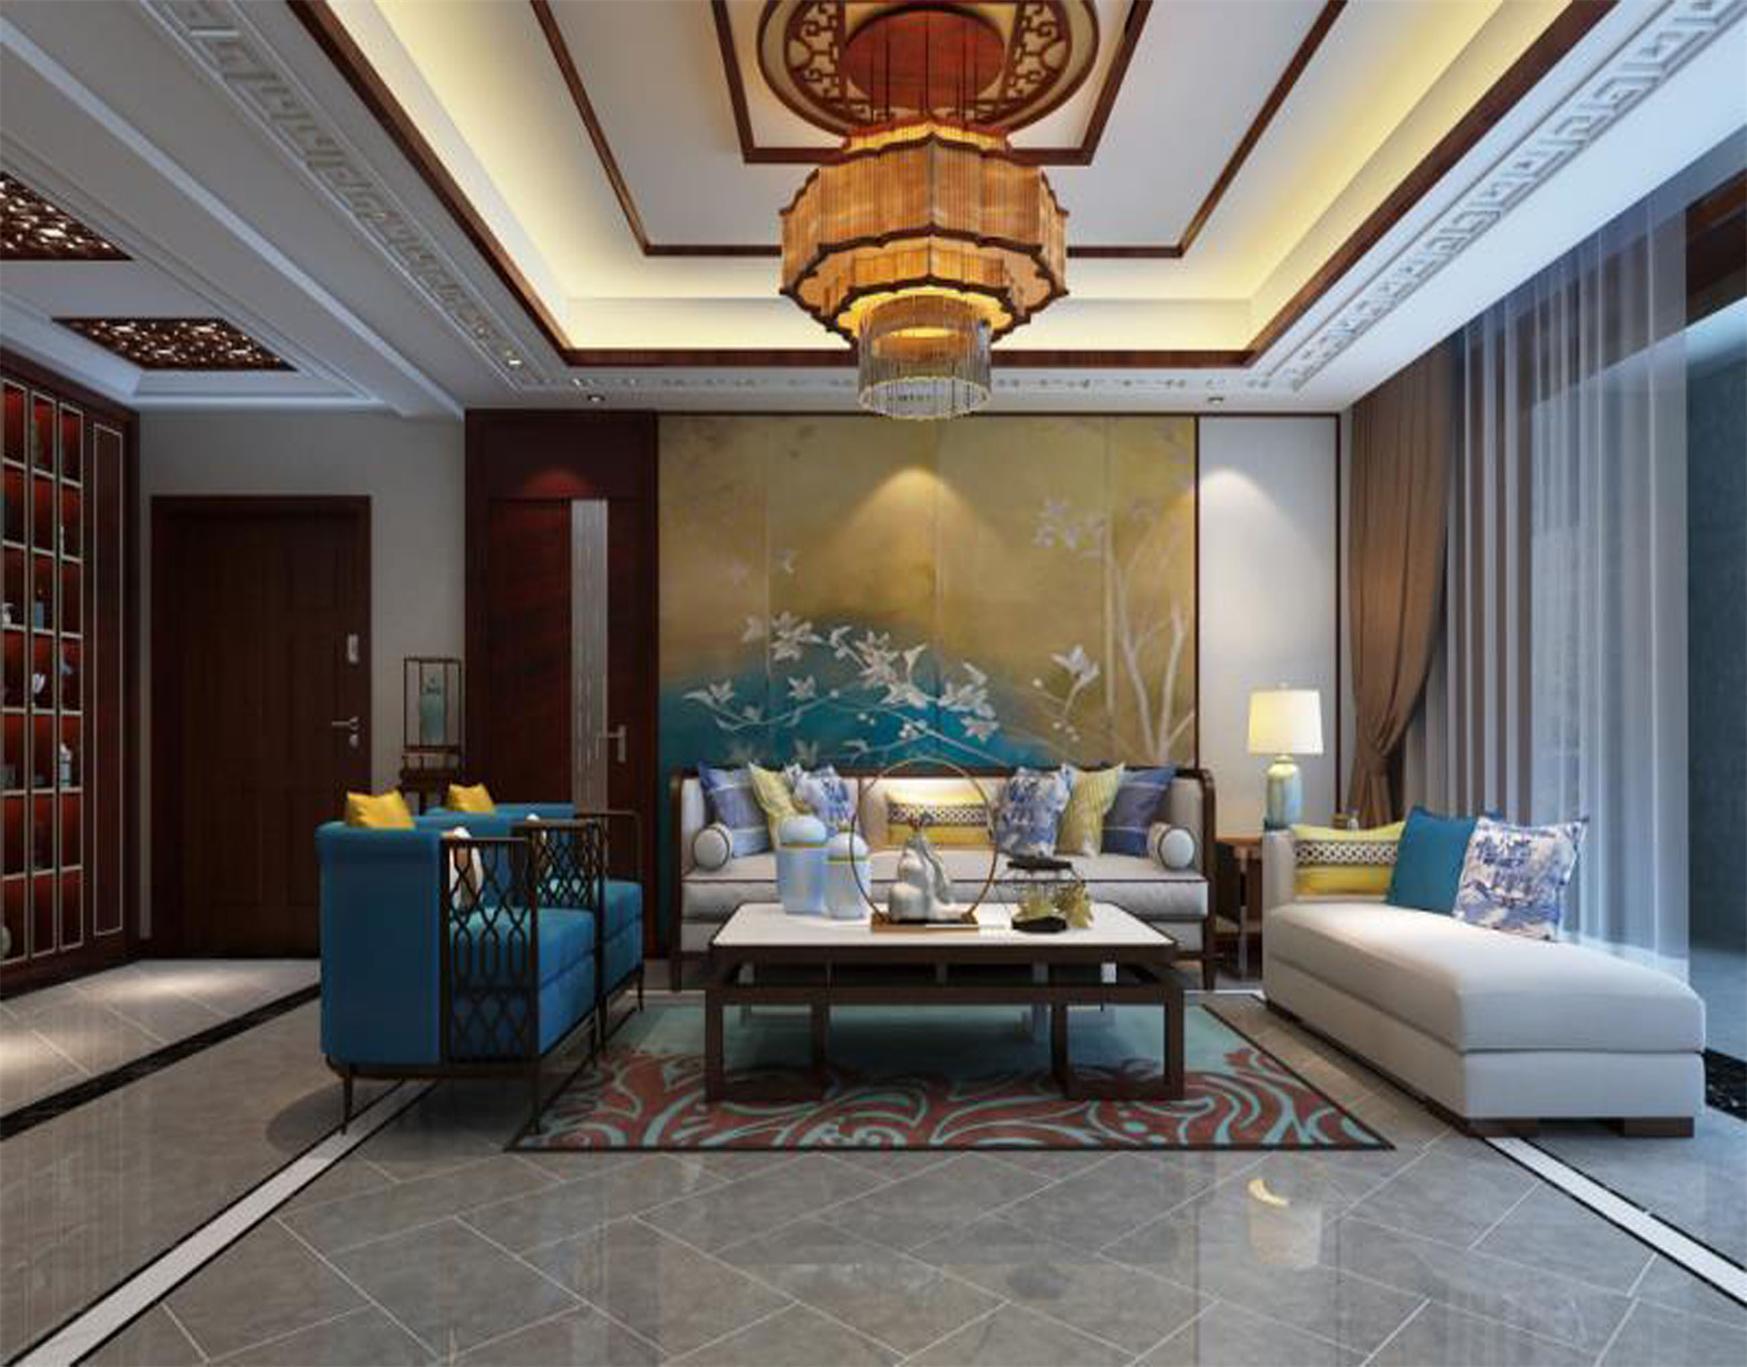 廊坊装修案例新世界新中式风